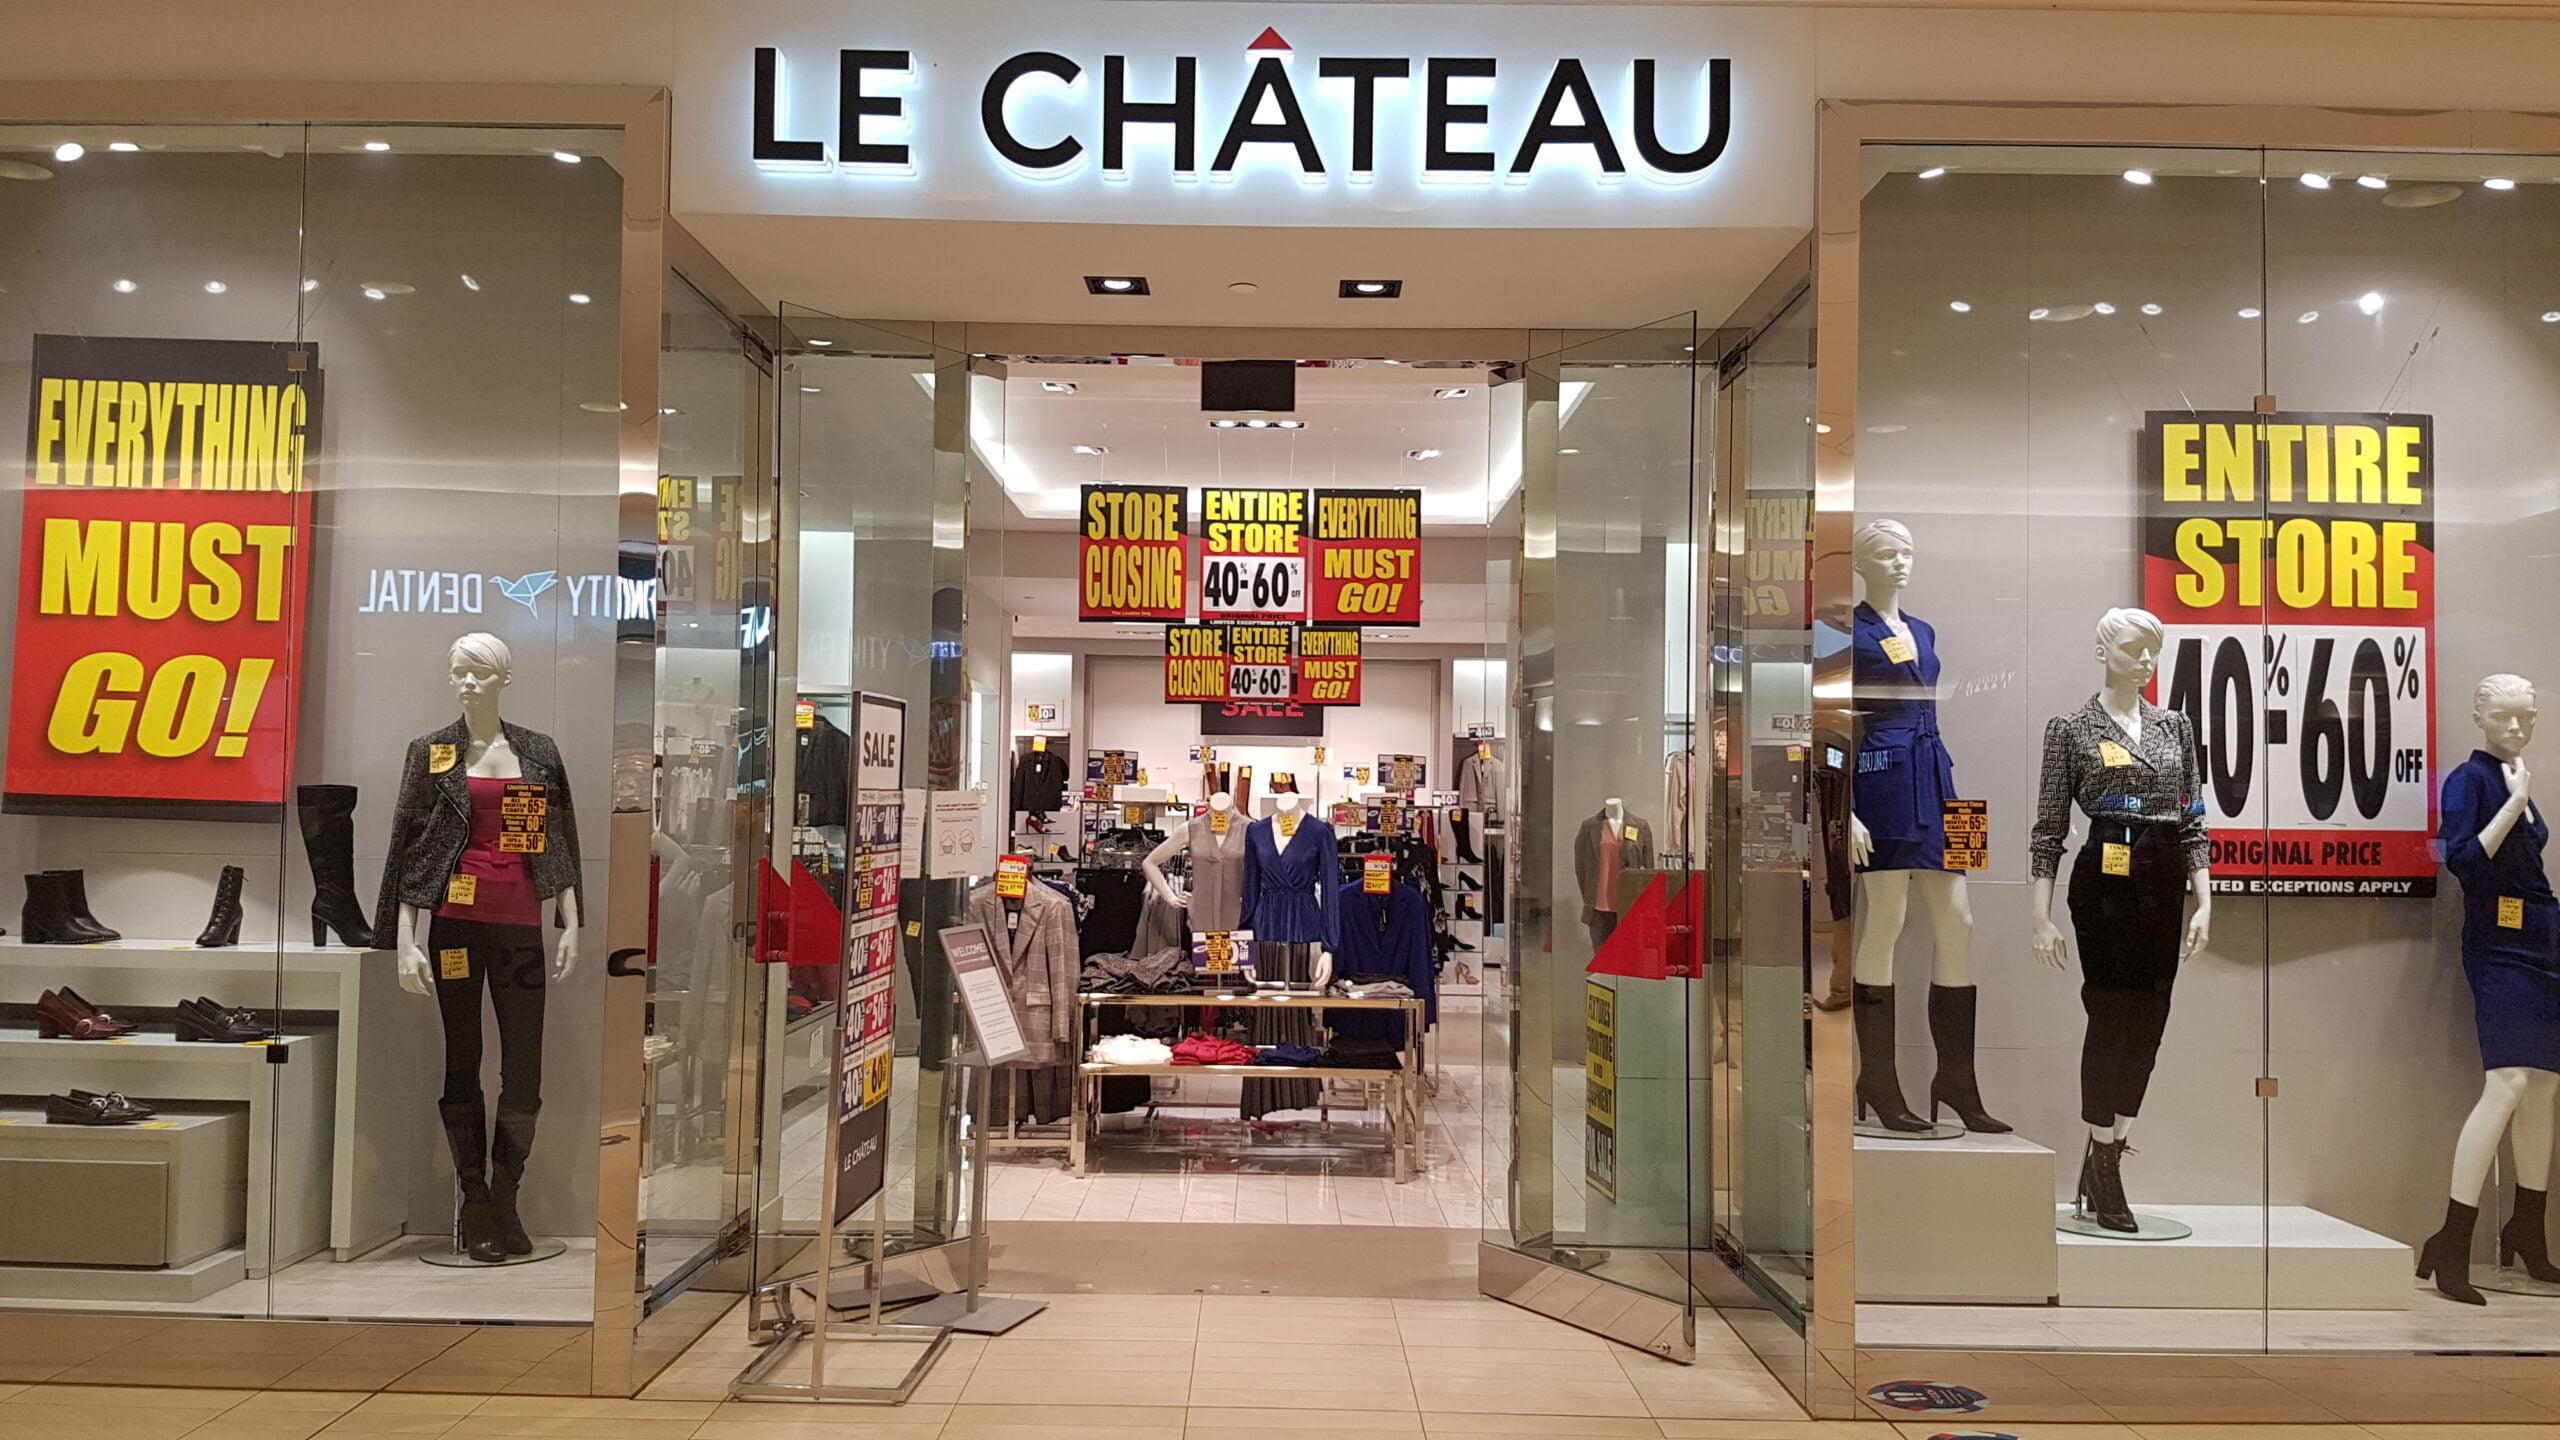 Le Chateau at CF Richmond Centre